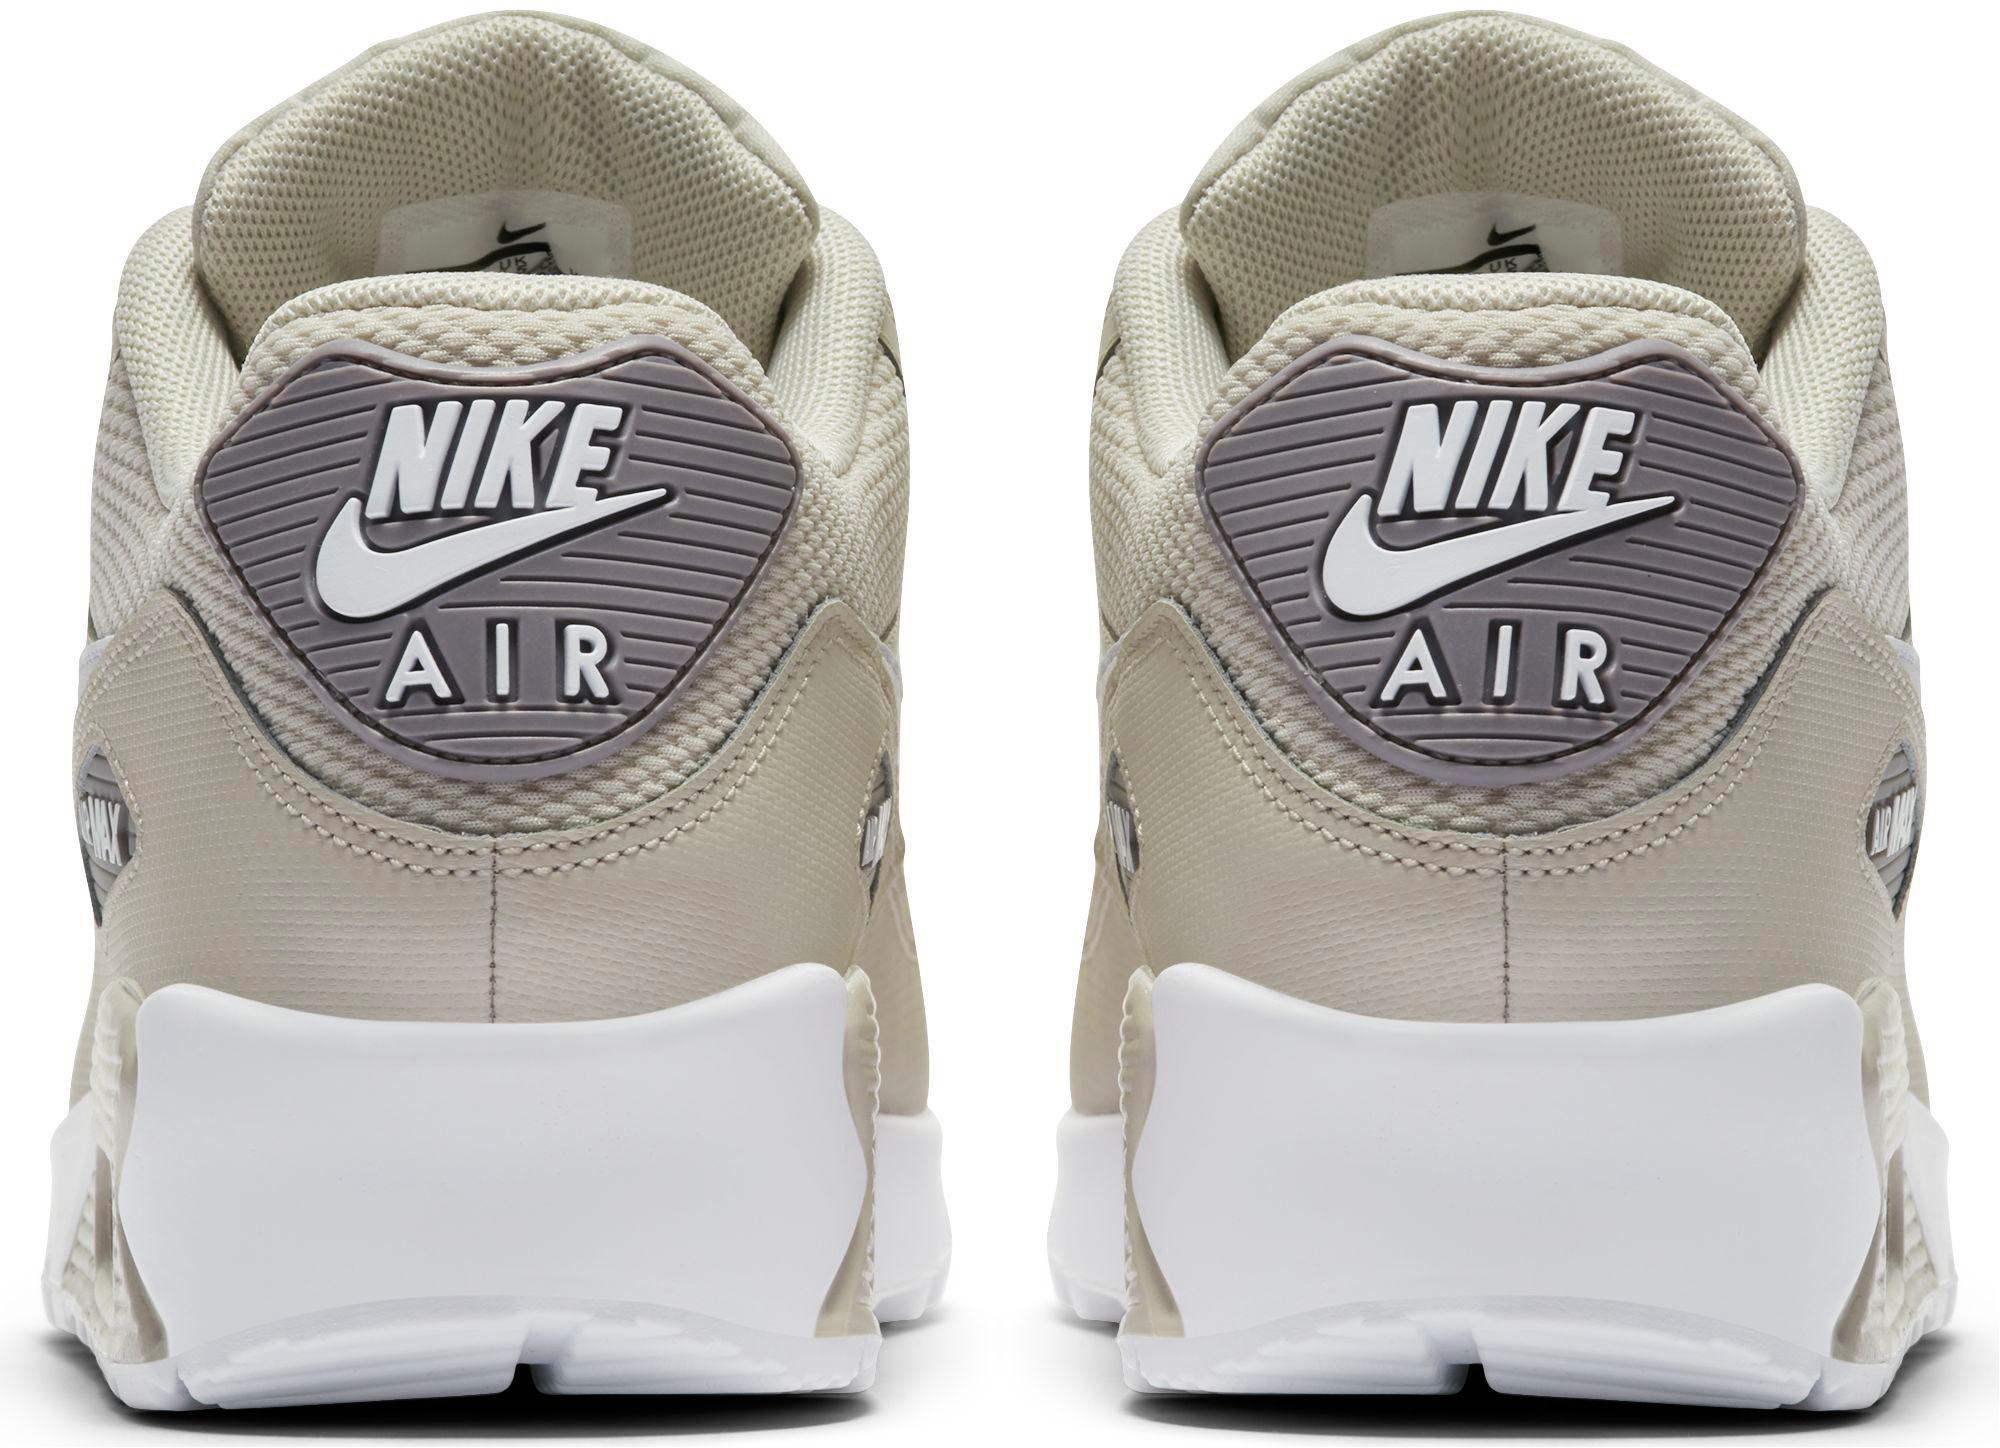 Nike Air Max 90 Turnschuhe Turnschuhe Turnschuhe Damen desert sand-Weiß im Online Shop von SportScheck kaufen Gute Qualität beliebte Schuhe 934707